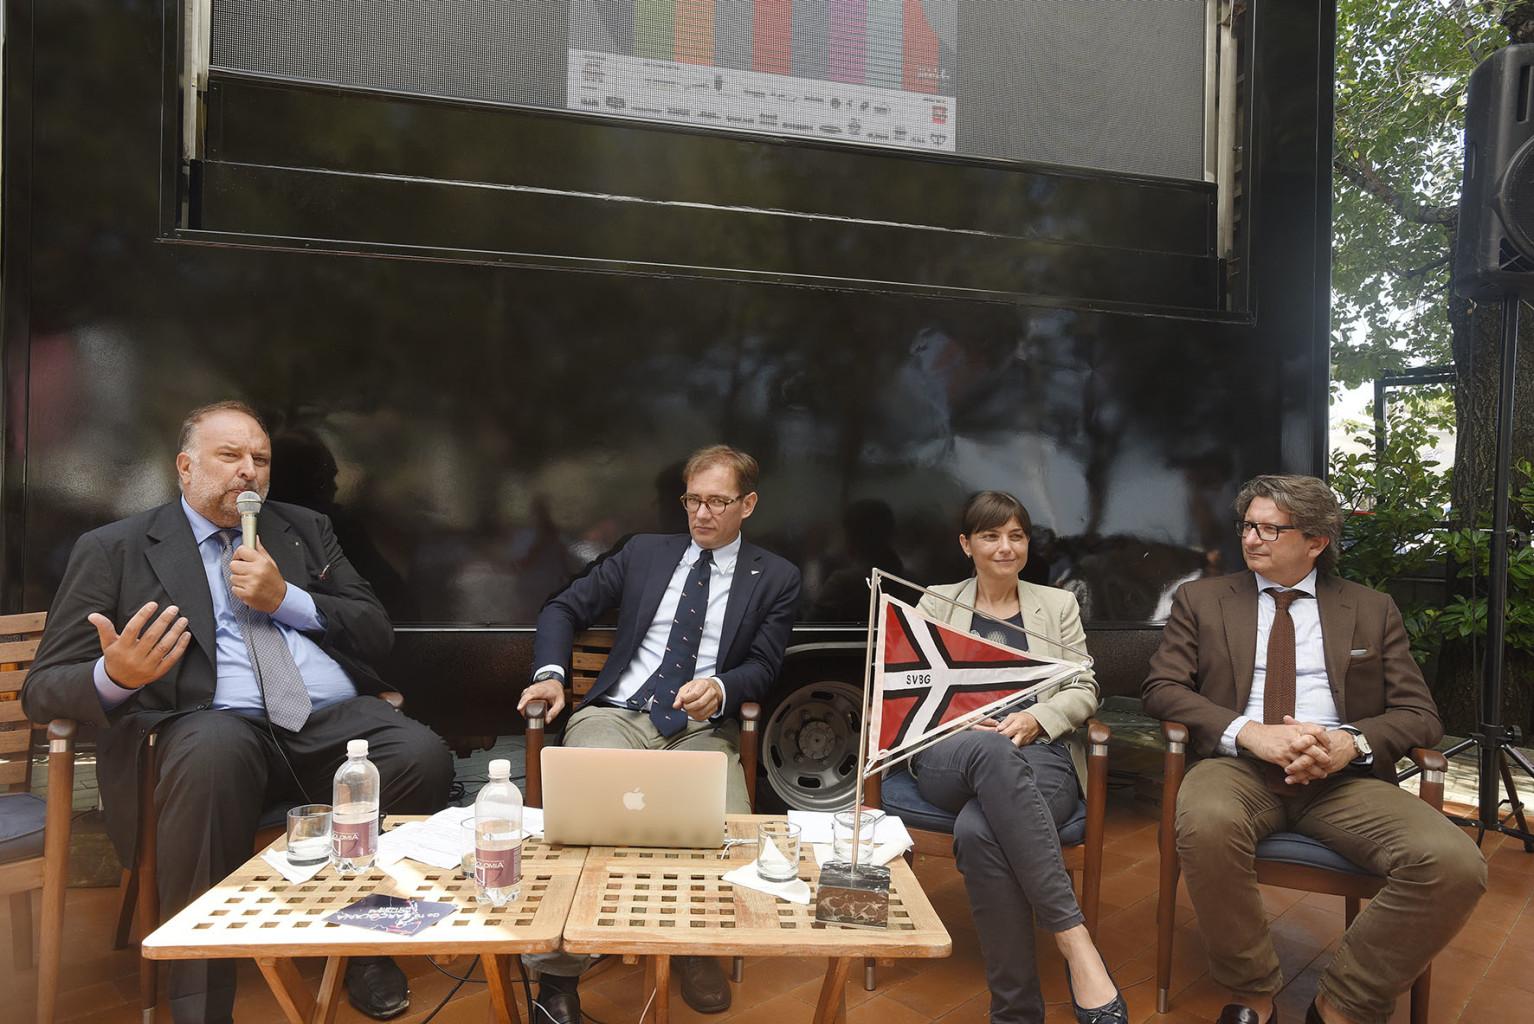 conferenza_stampa_svbg_2015_CET6863